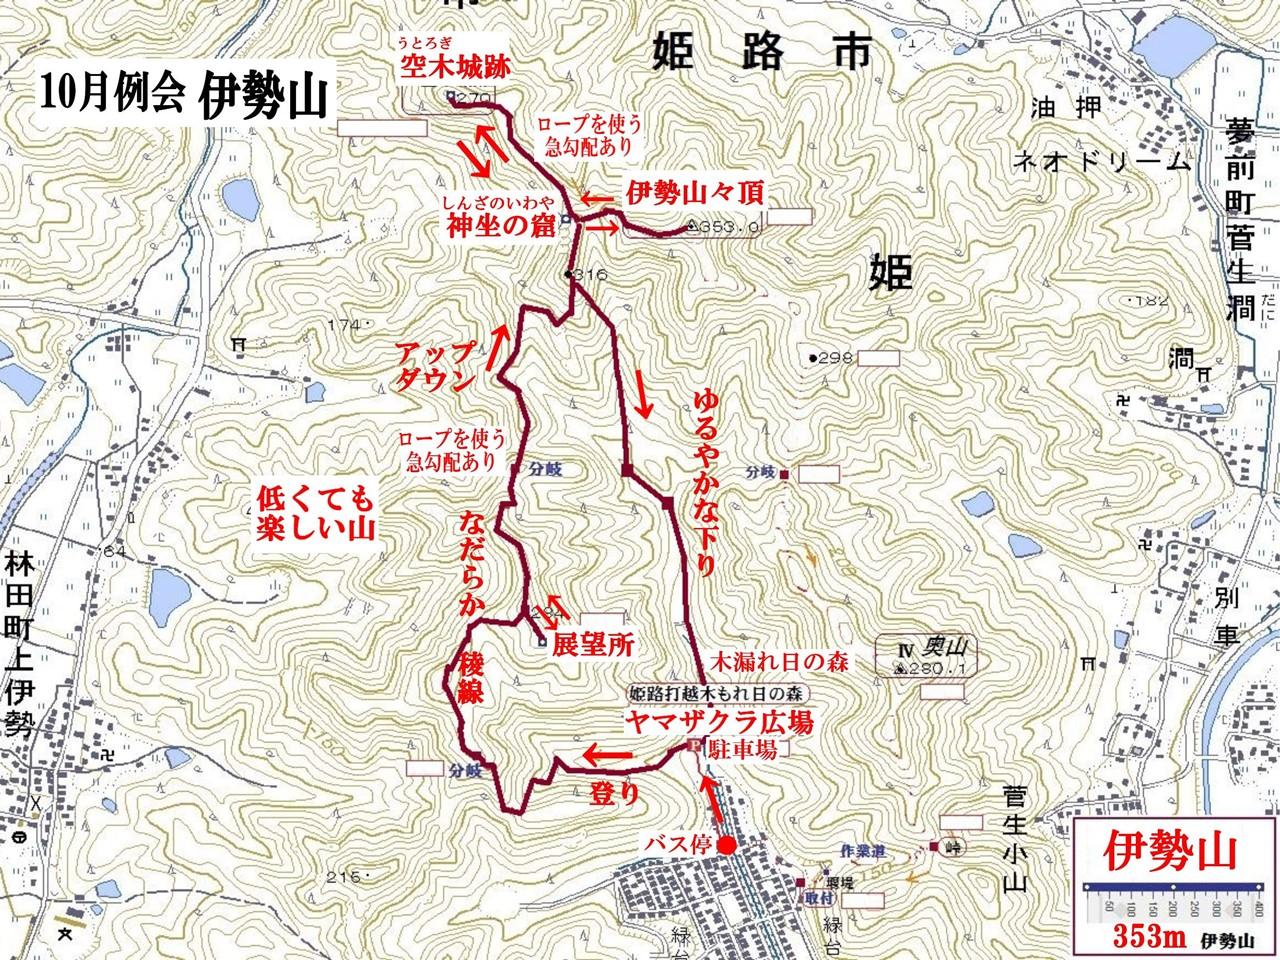 01a 伊勢山ルートマップ